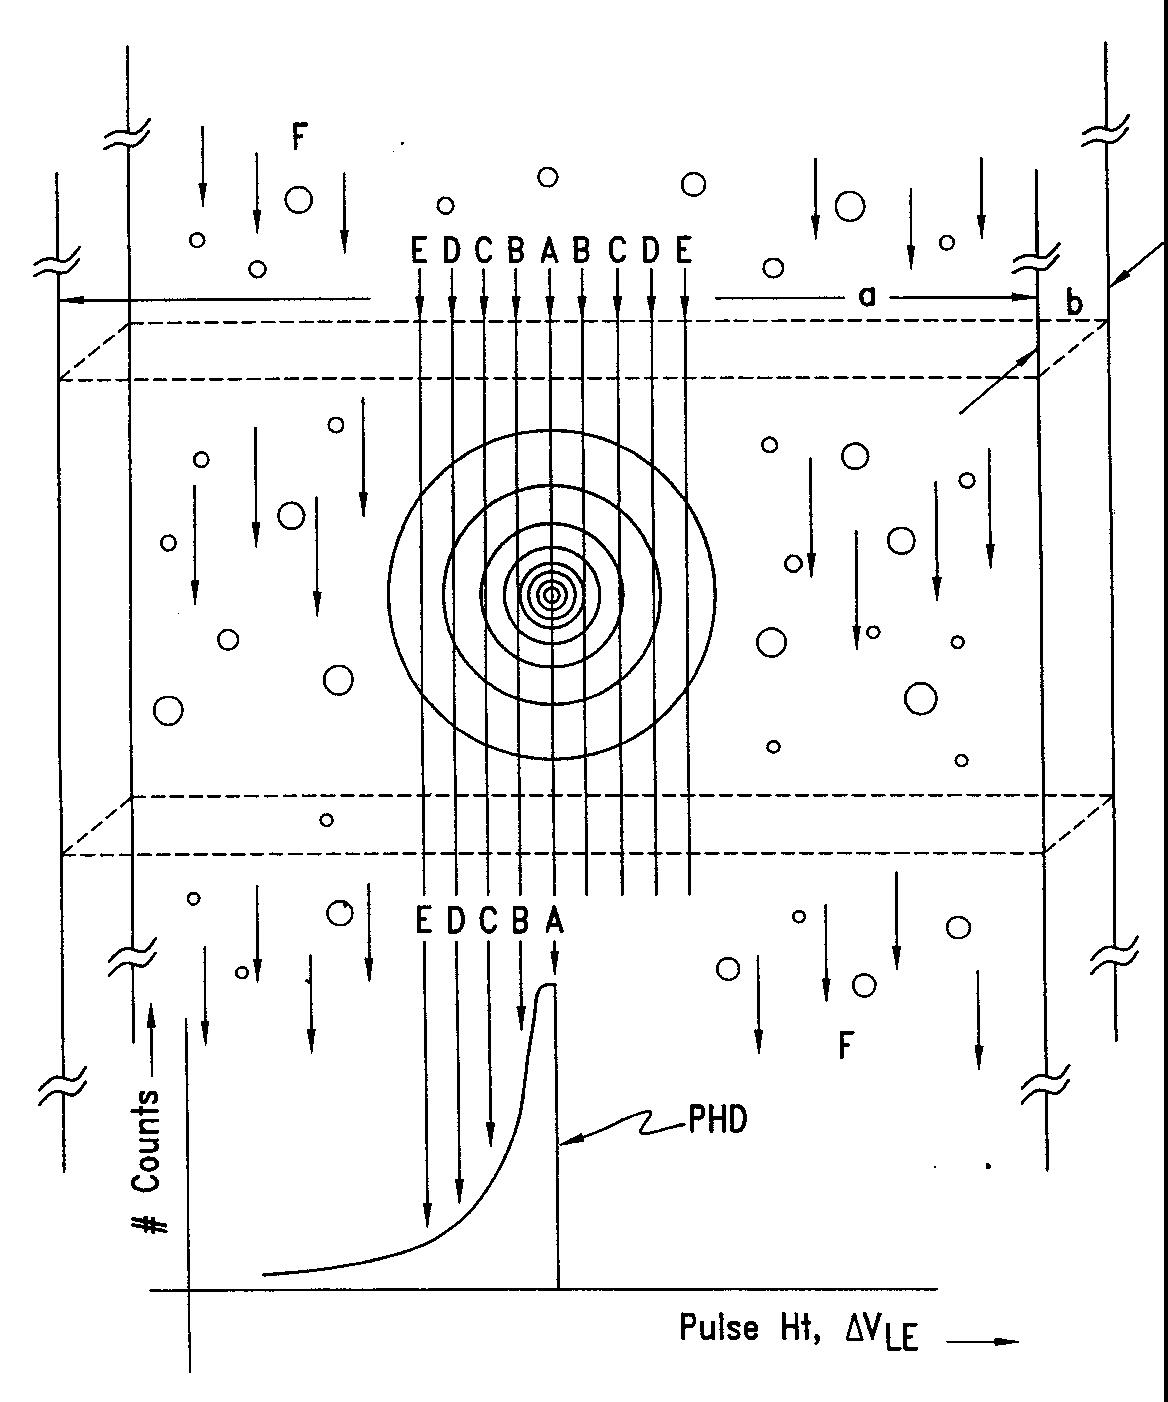 74lvc161计数器的逻辑电路图